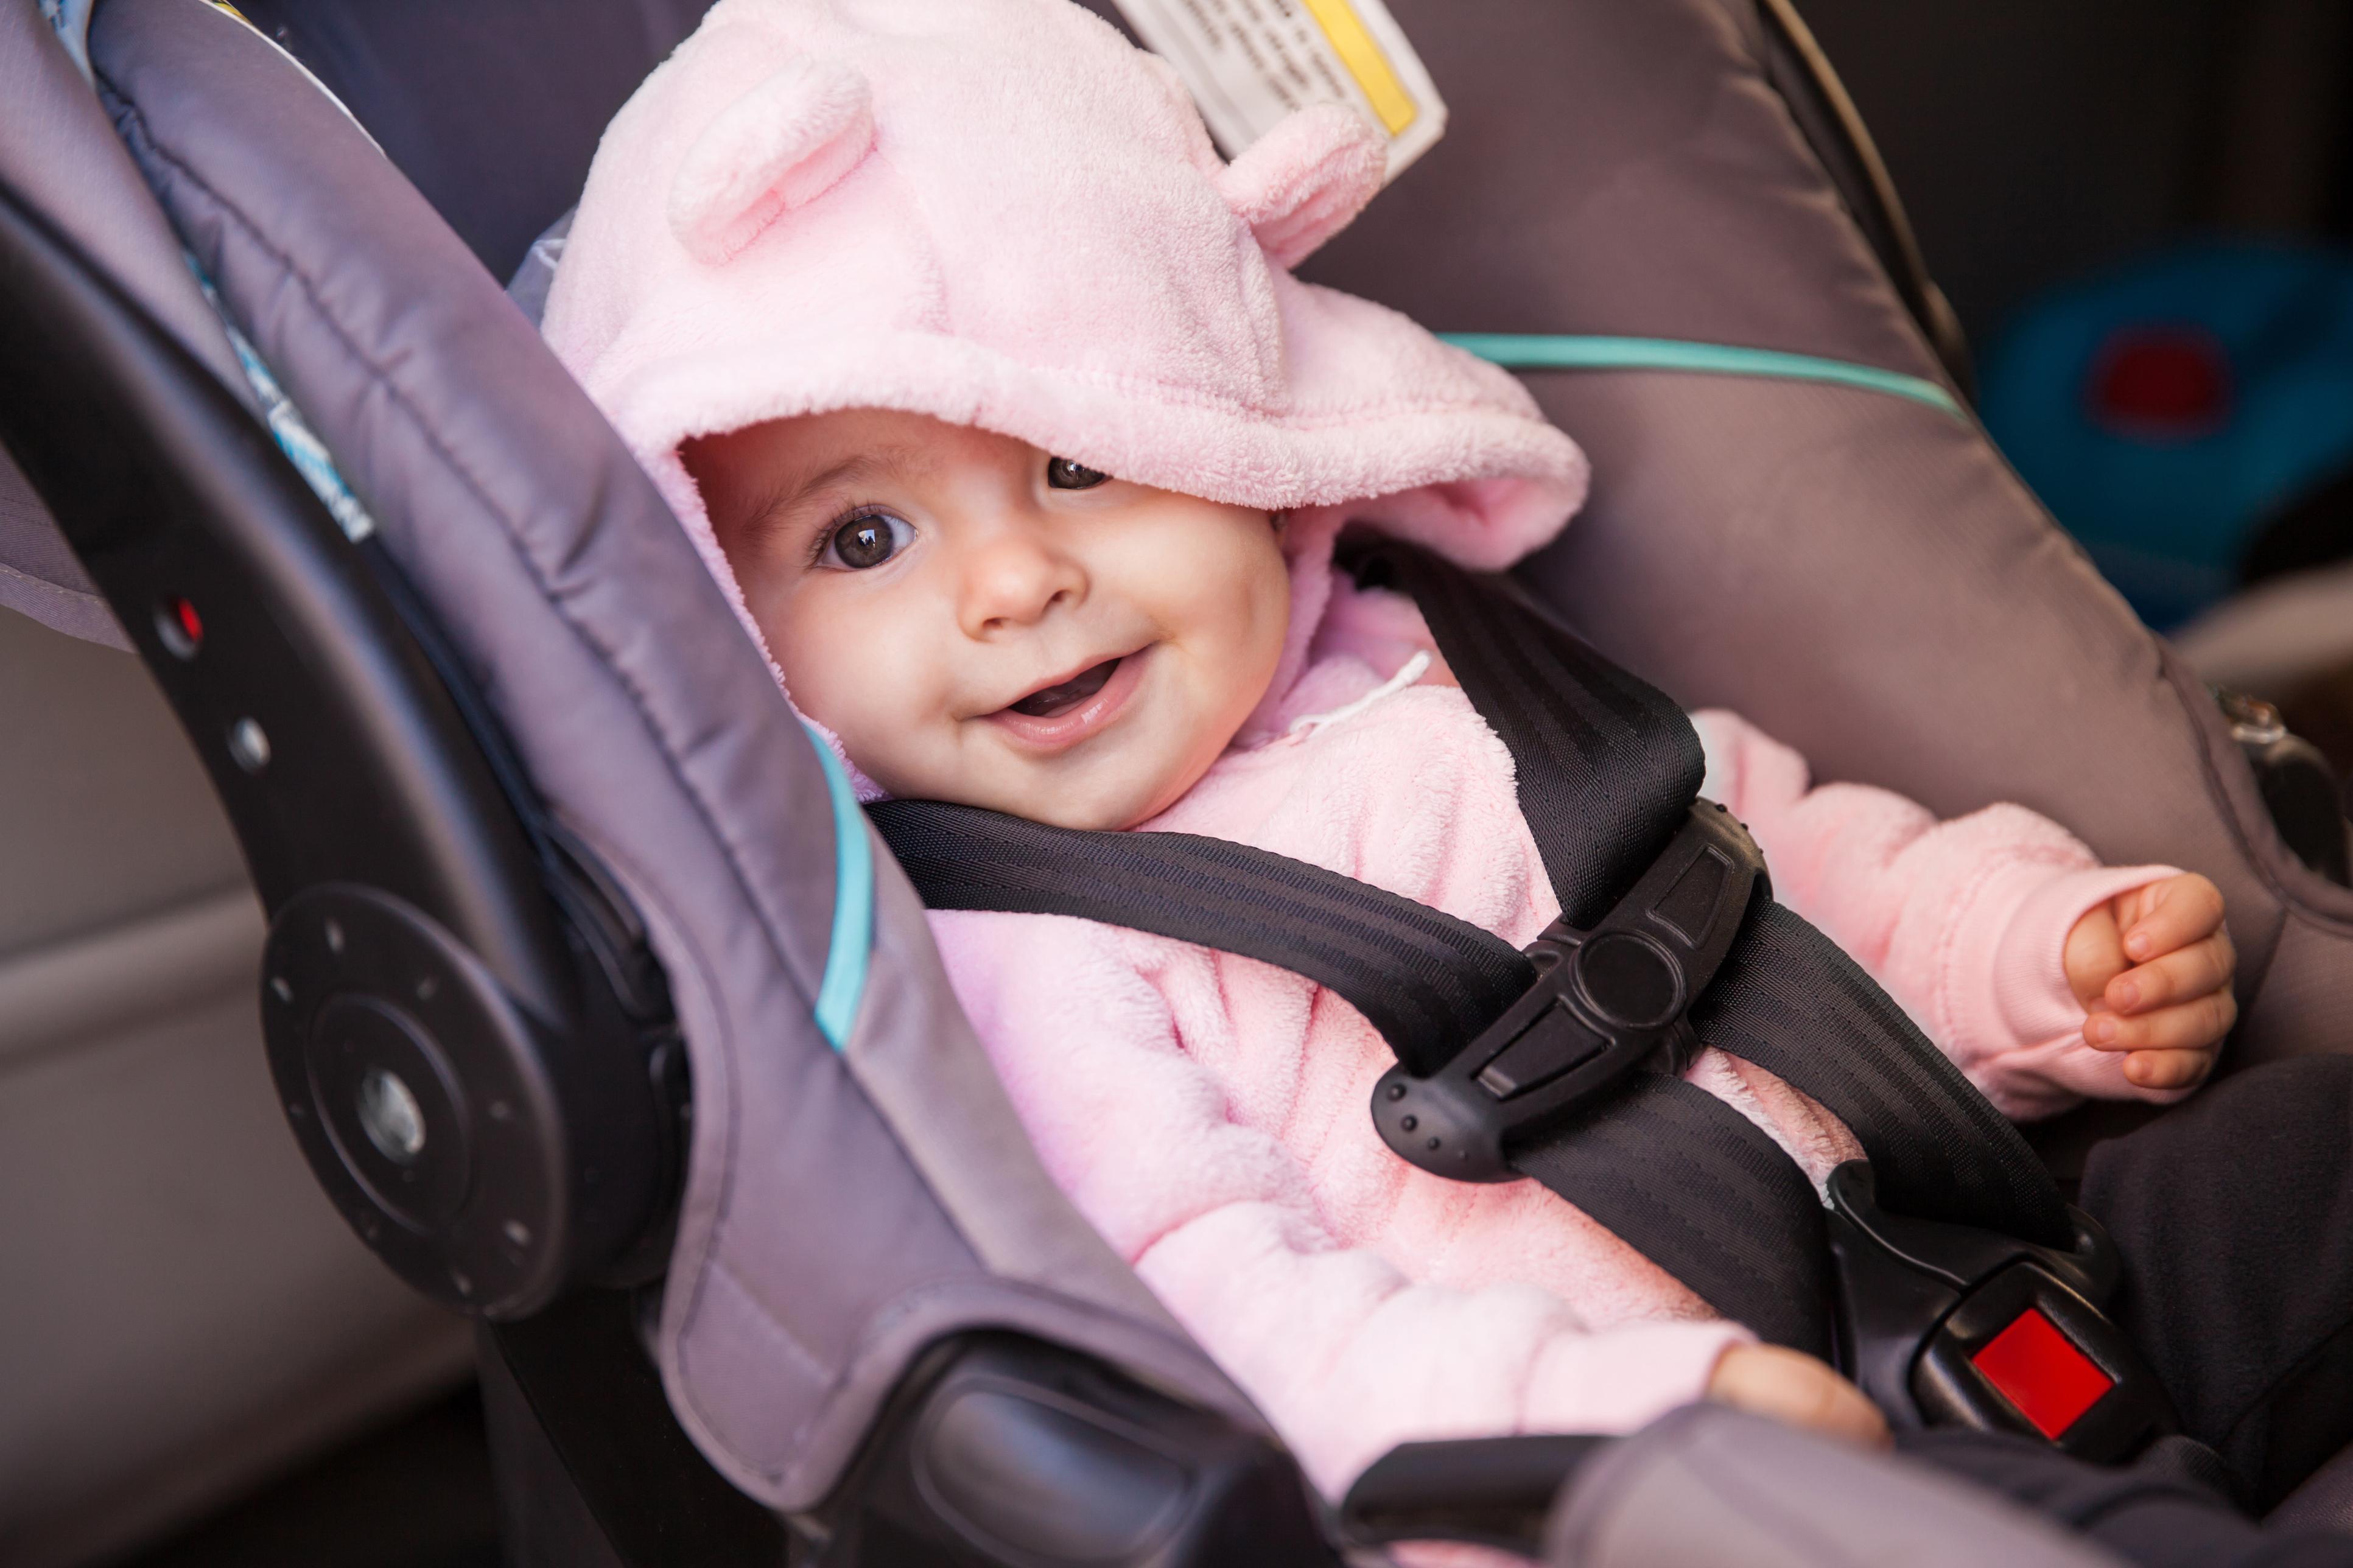 Як правильно вибрати автокрісло для немовляти і дитини